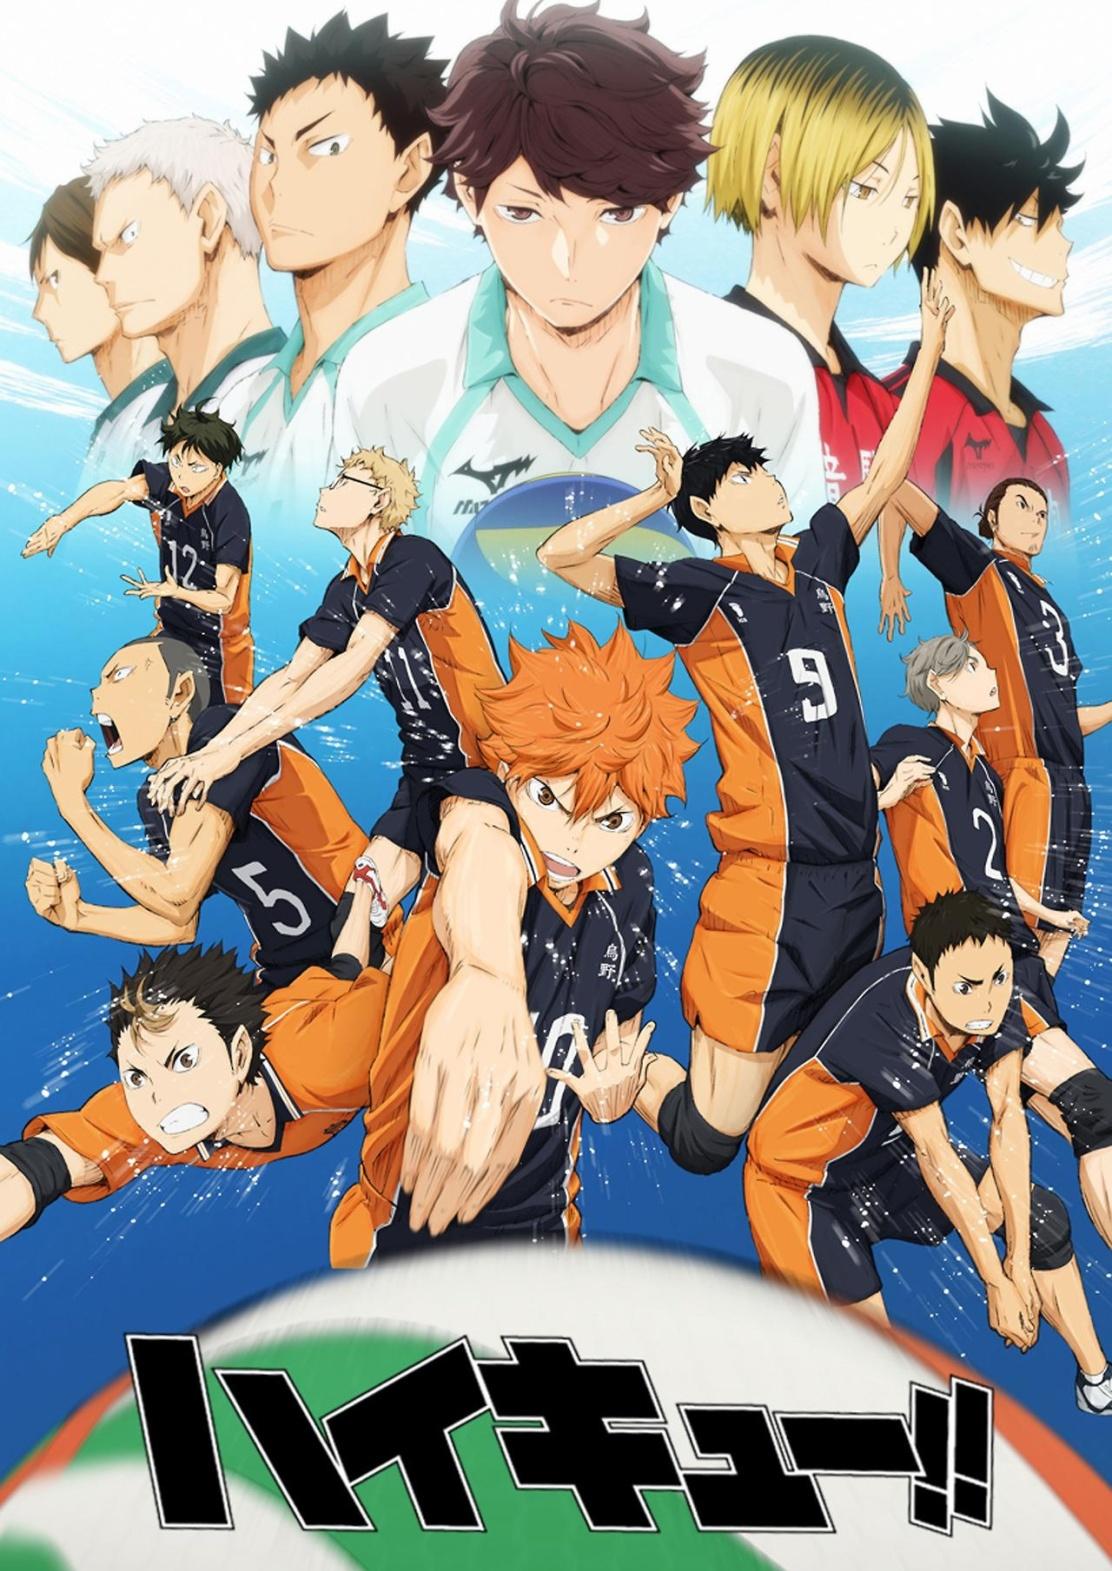 Haikyu Anime Poster